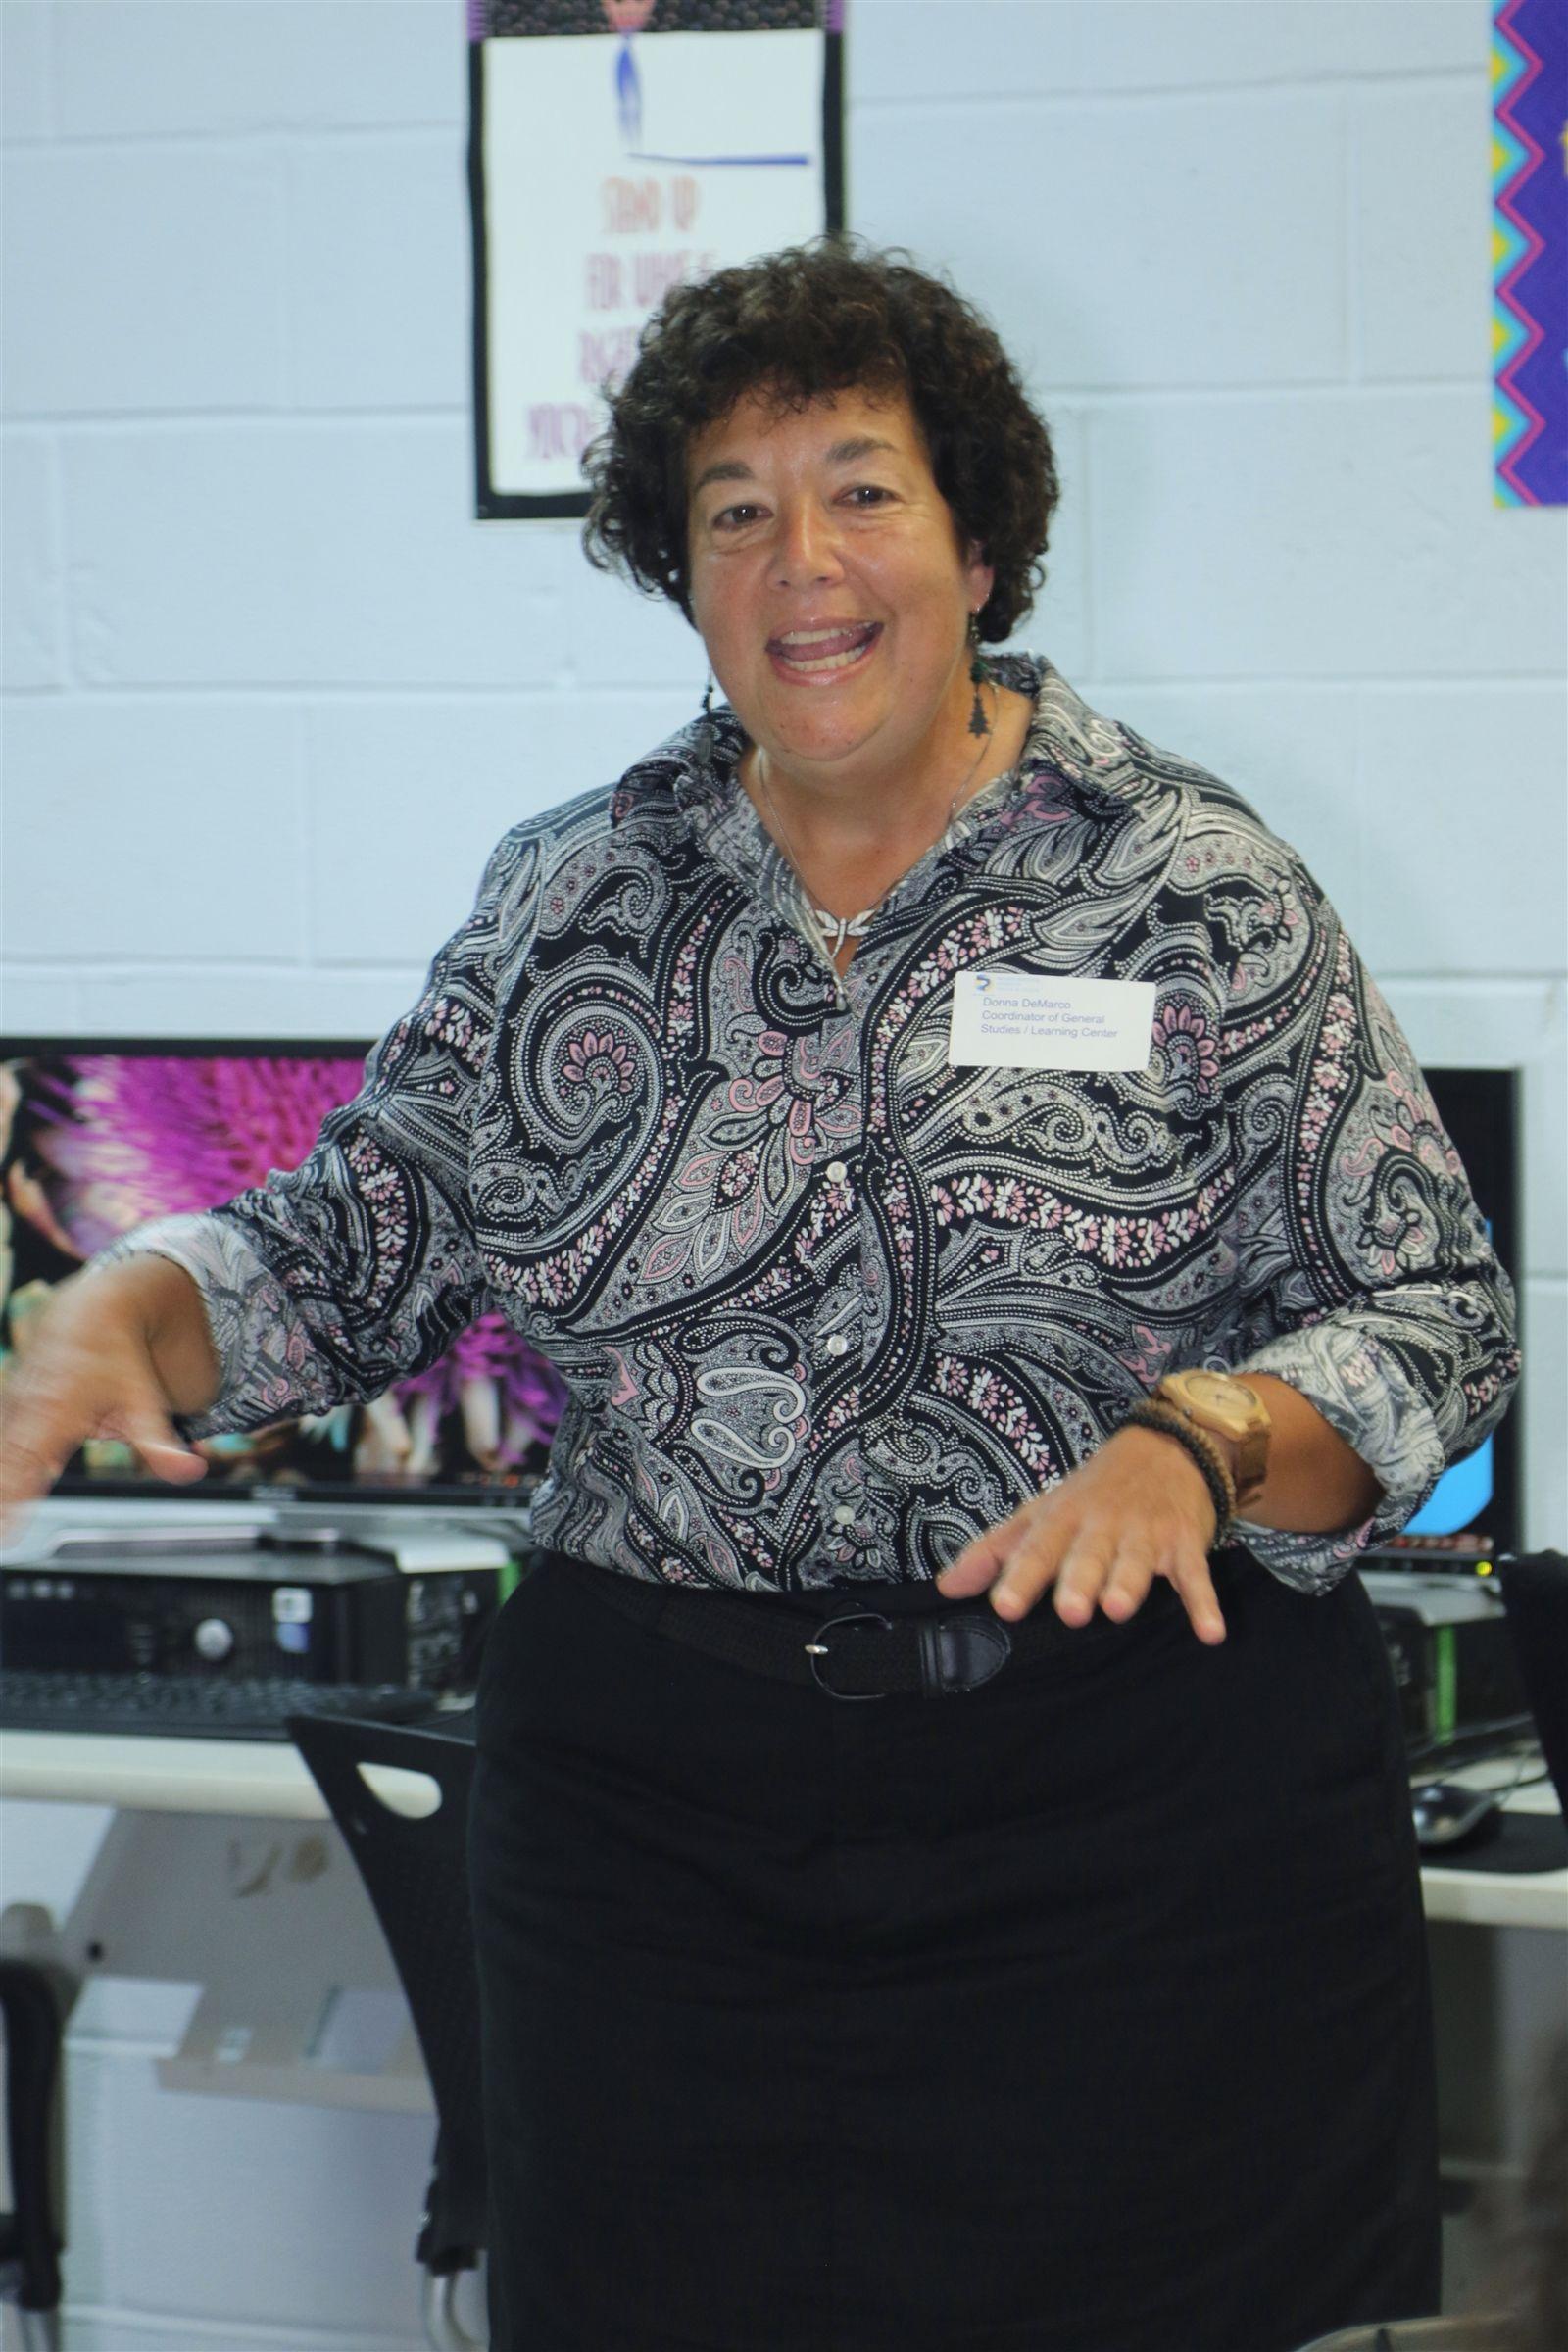 Ms. Donna De Marco speaks to prospective families